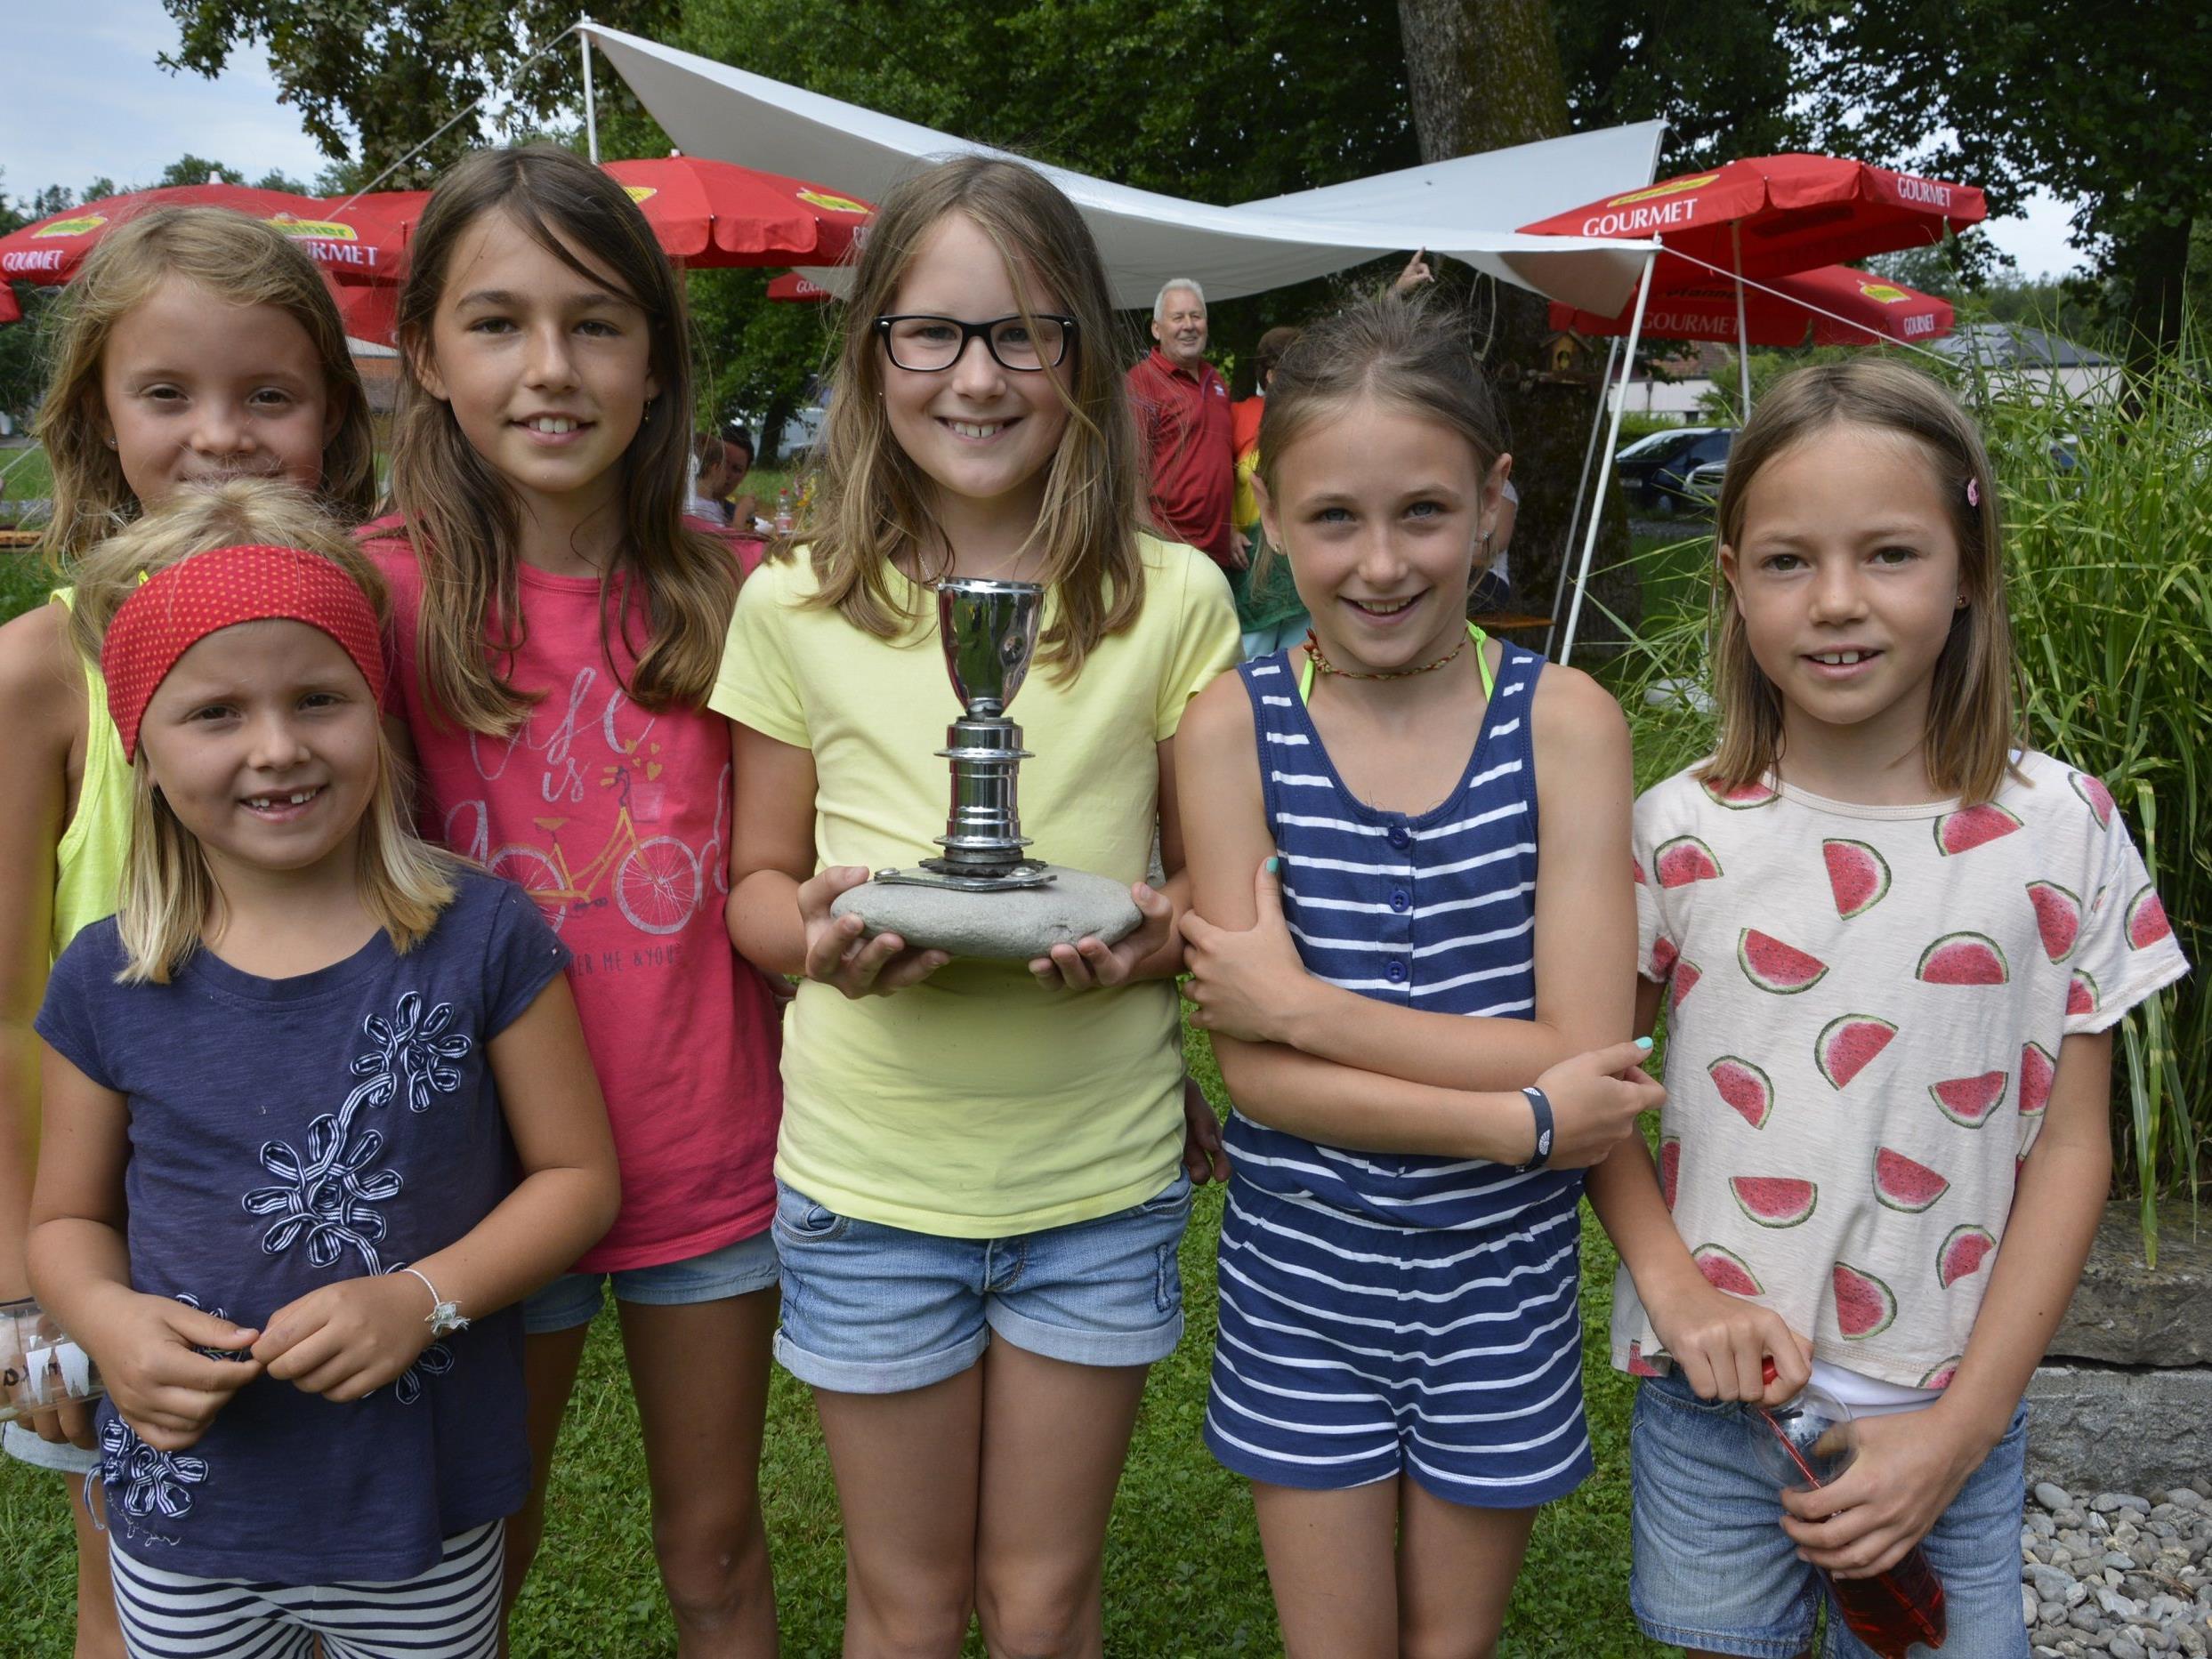 Die Kinder zeigen noch vor der Preisverleihung den begehrten Waffenrad-Triathlon-Weltmeister-Pokal.